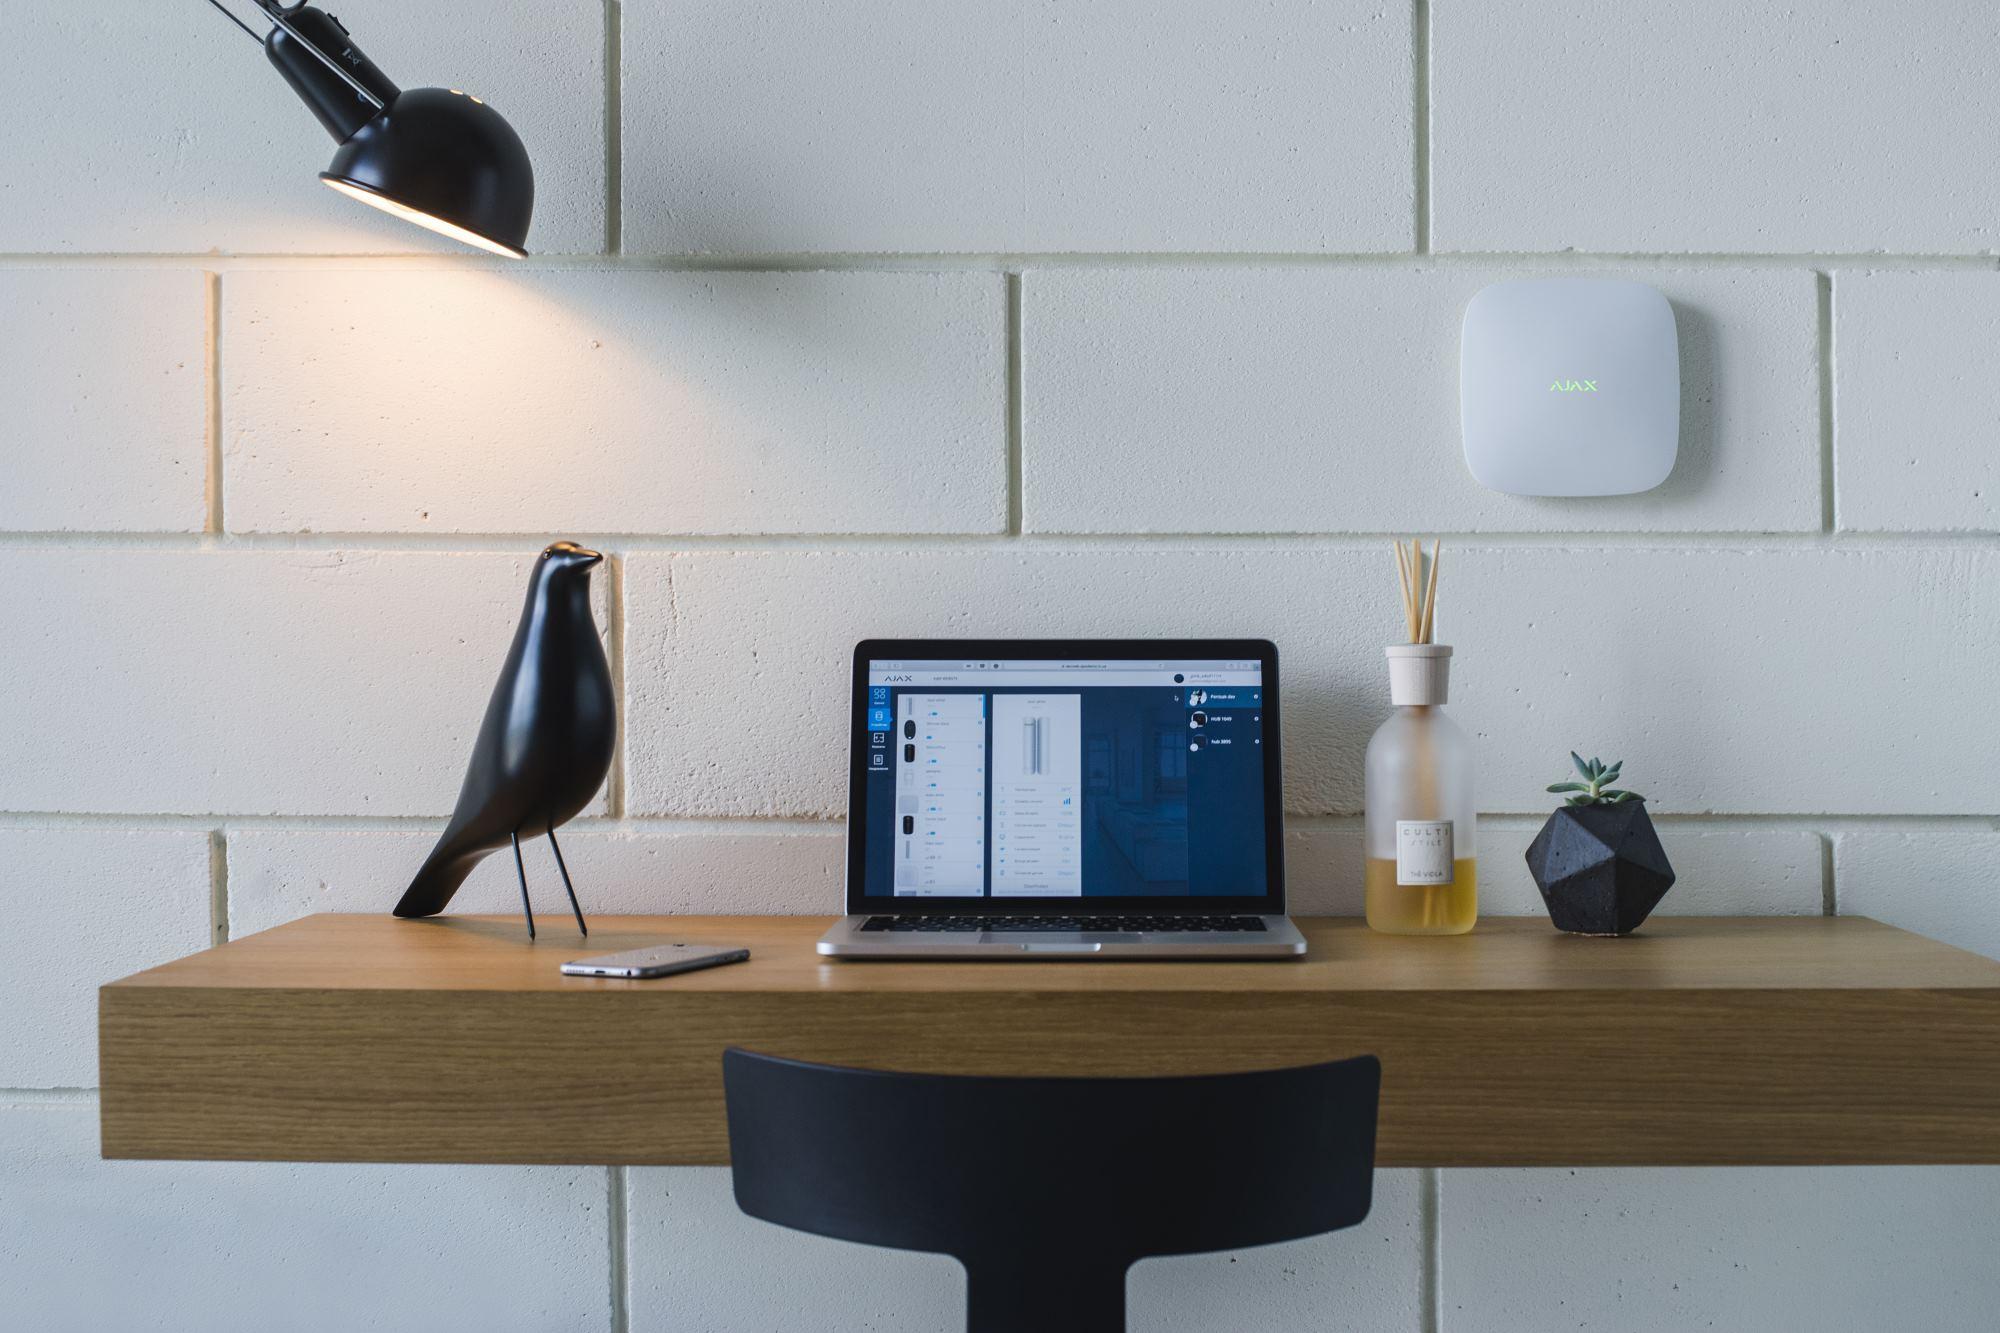 Ajax Systems: универсальная система безопасности для квартиры, дома или офиса - 4